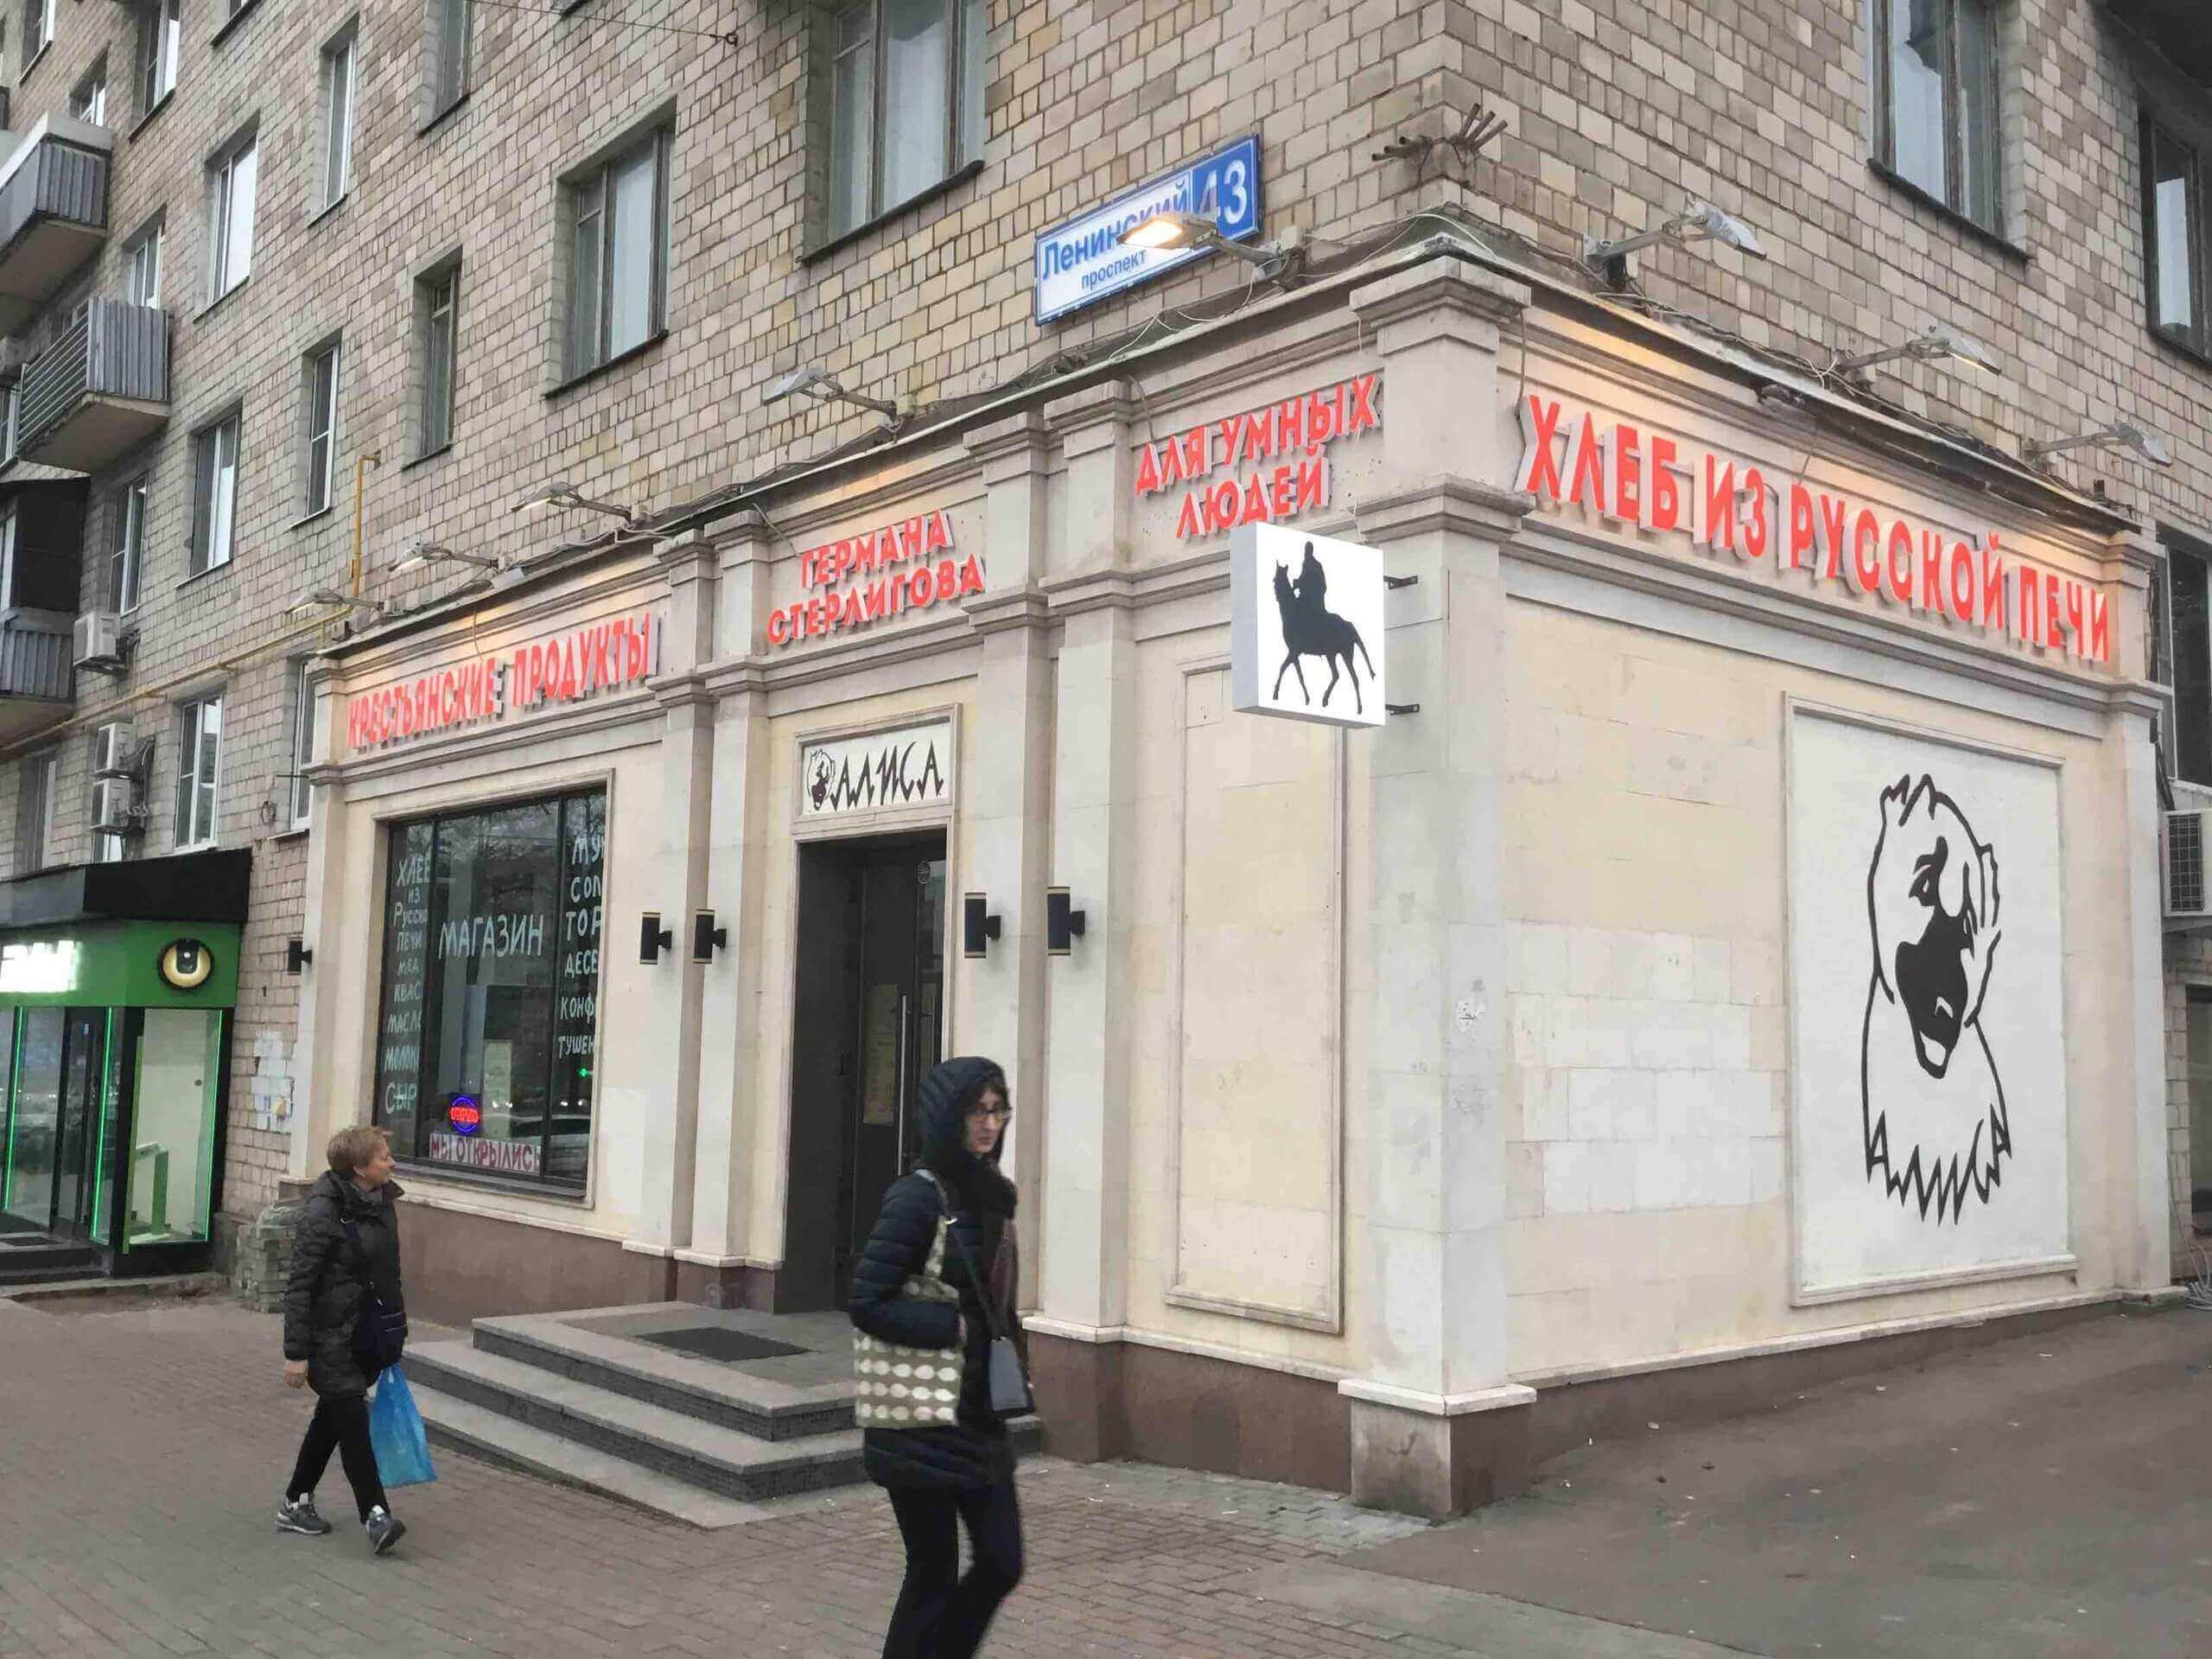 Герман Стерлигов передумал продавать «Хлеб и соль» в Москве